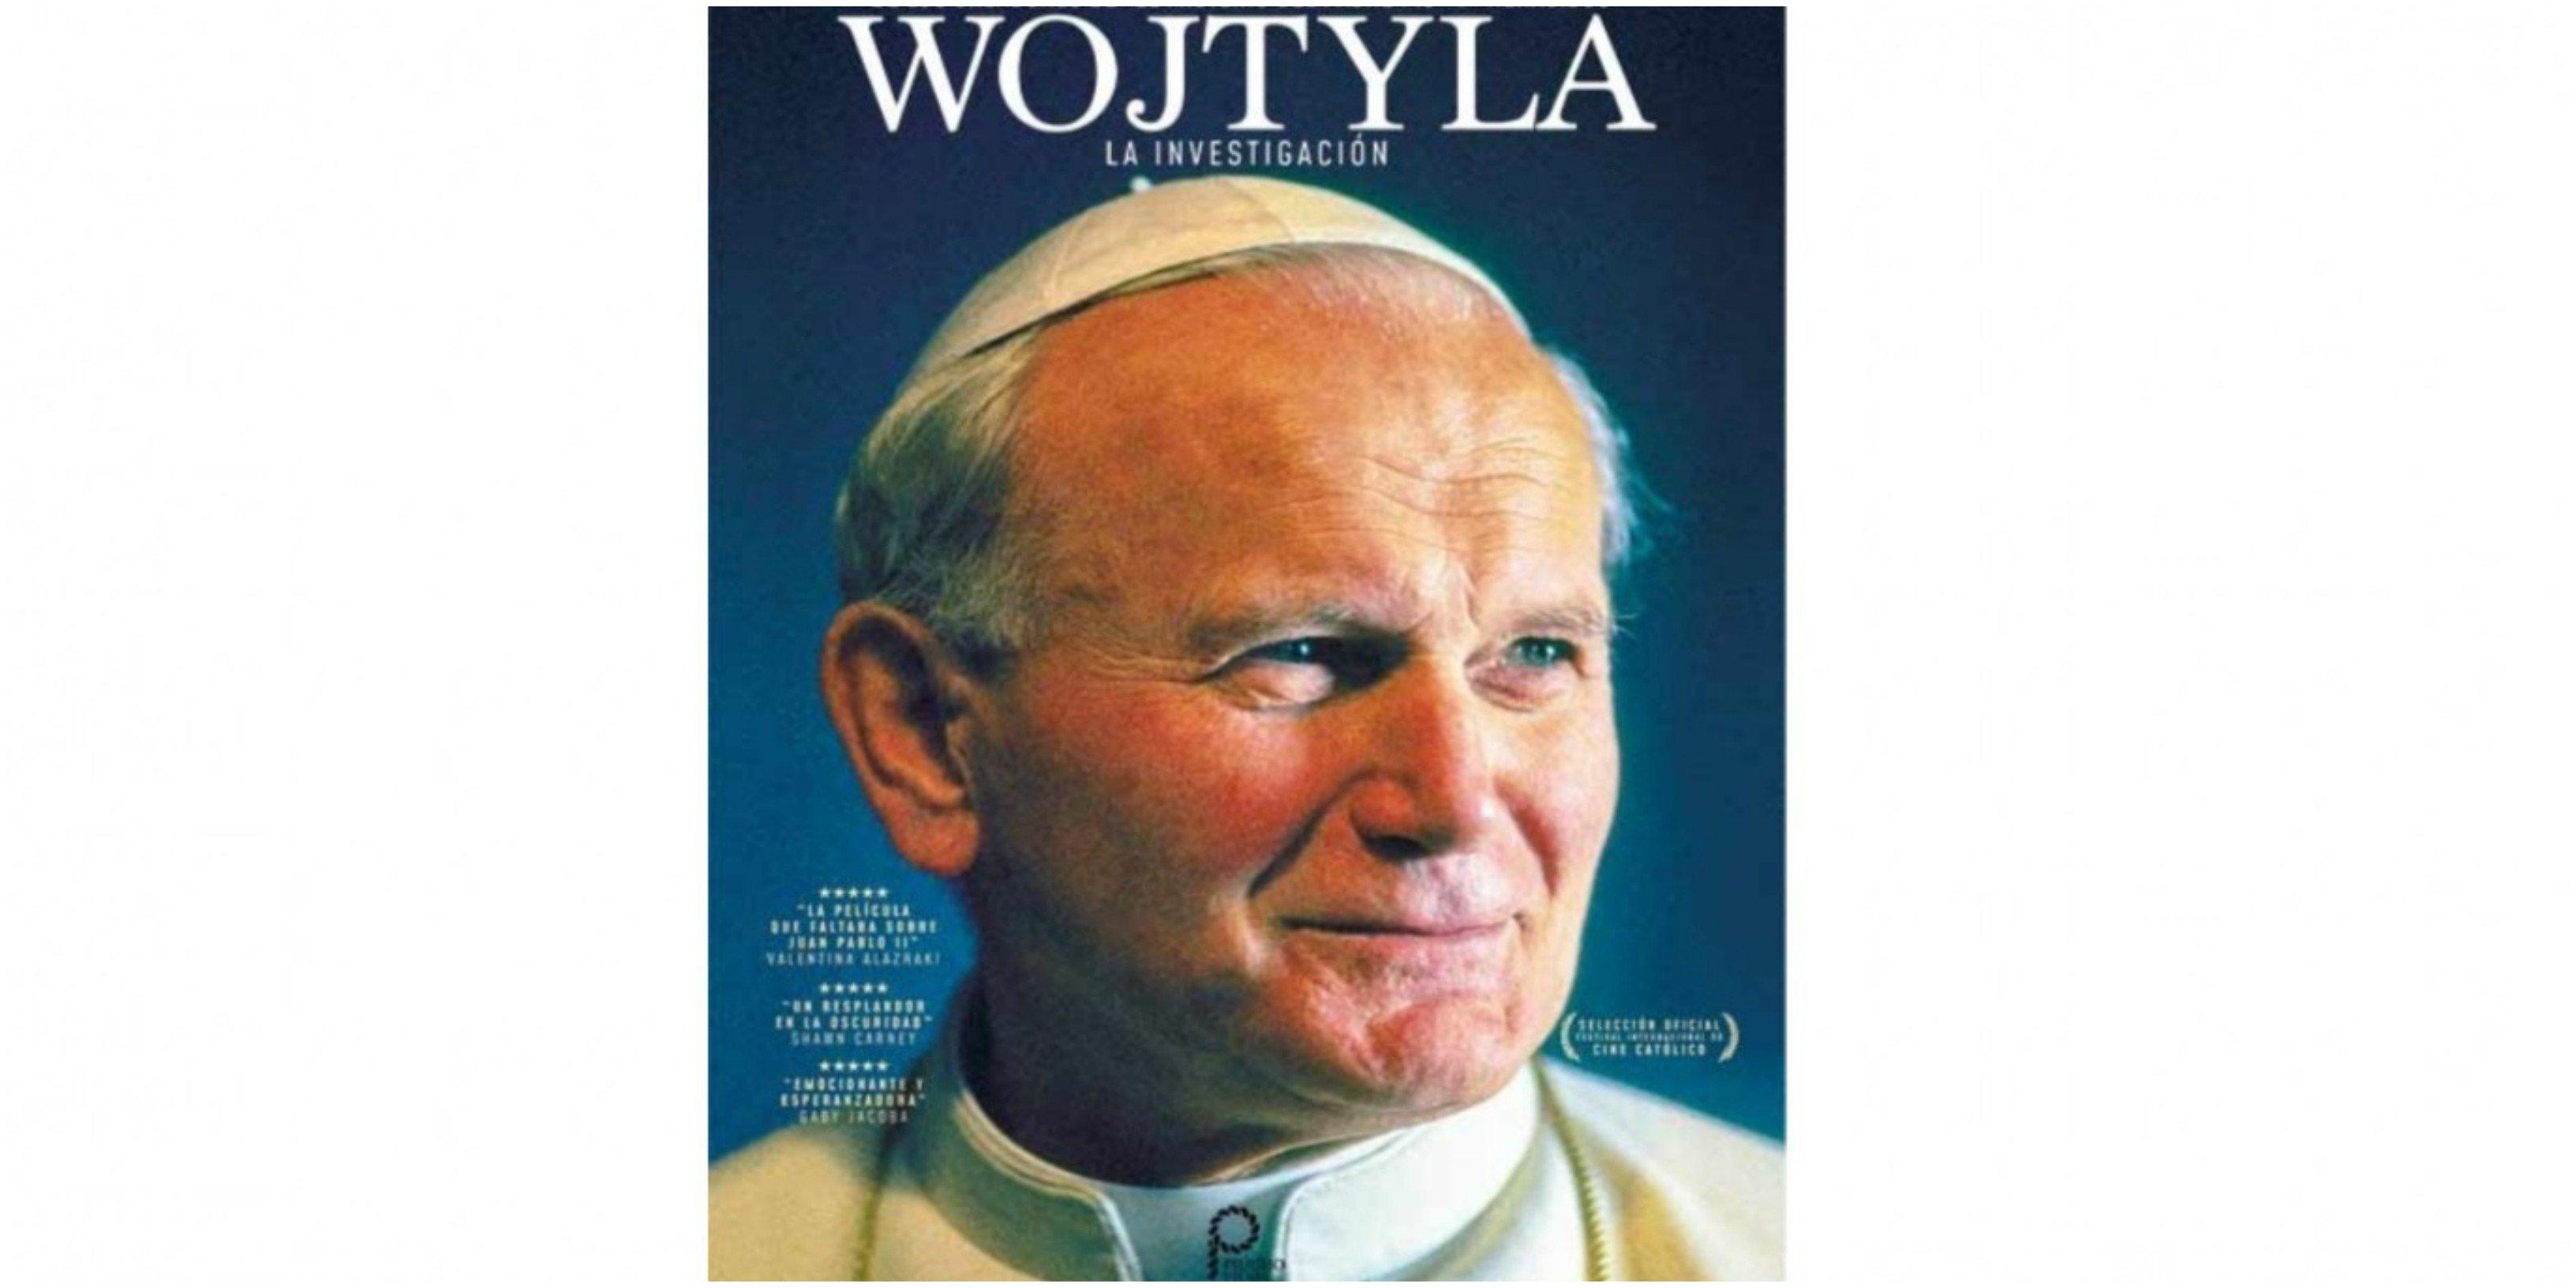 Wojtyla, la investigación